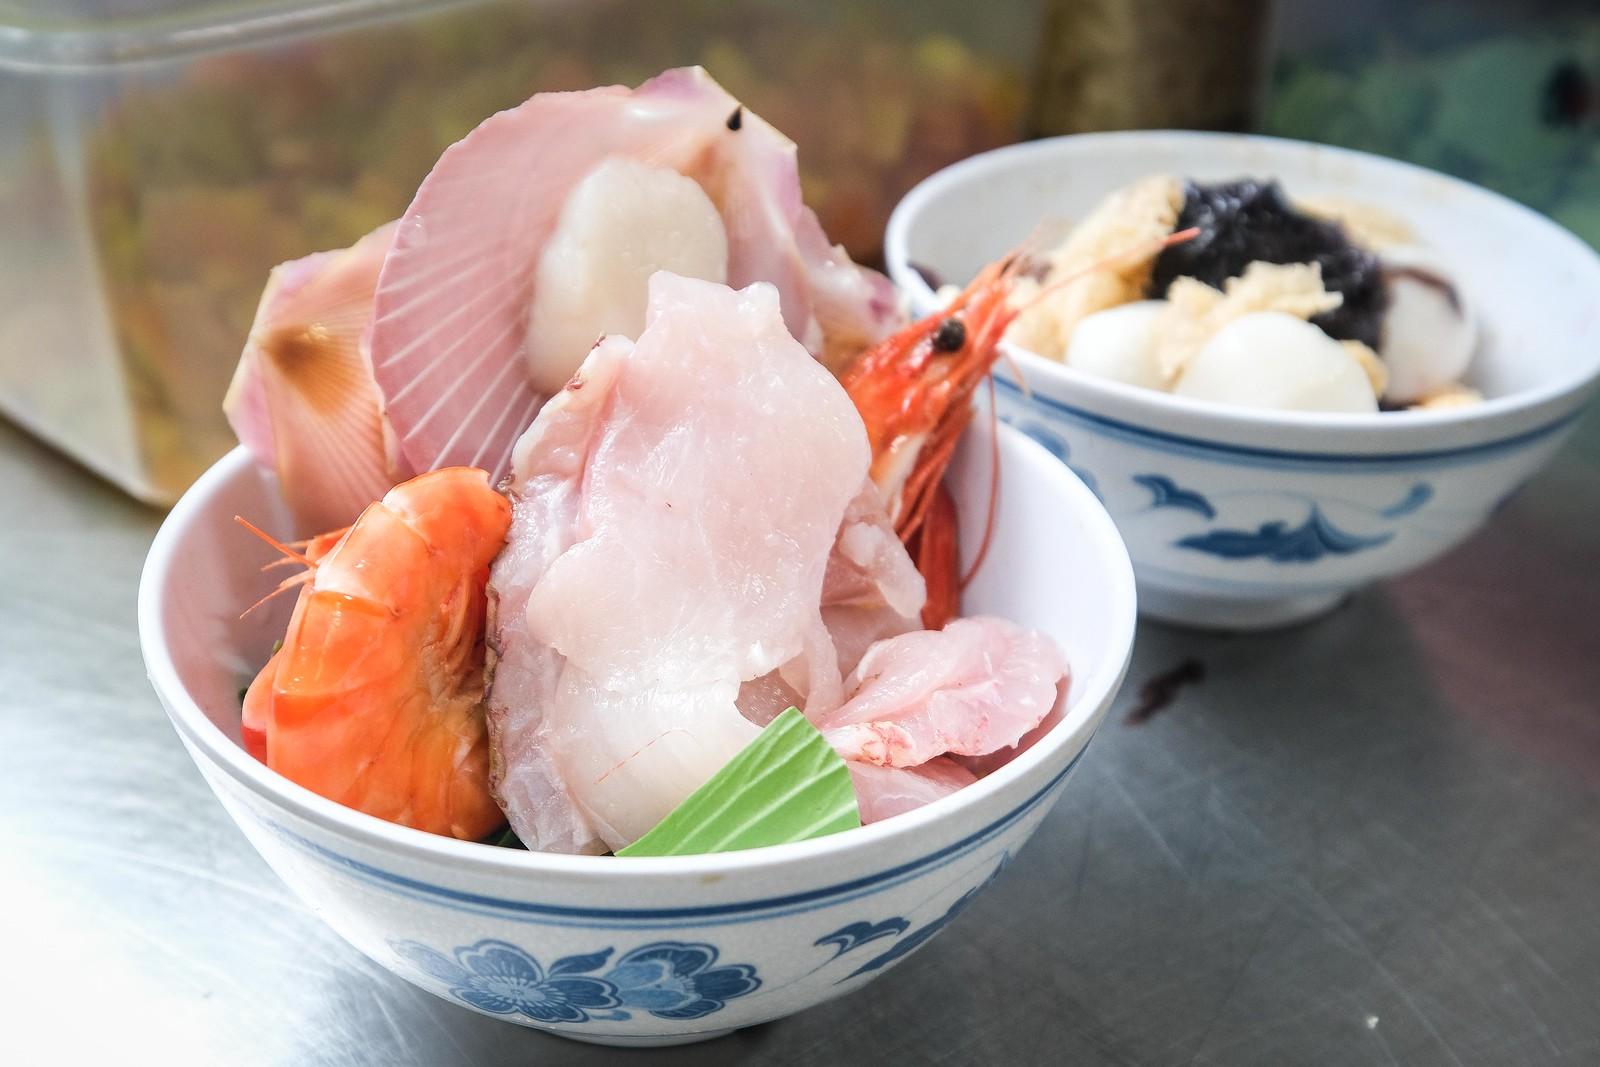 Sun的美食厨房用于泡饭新鲜的食材